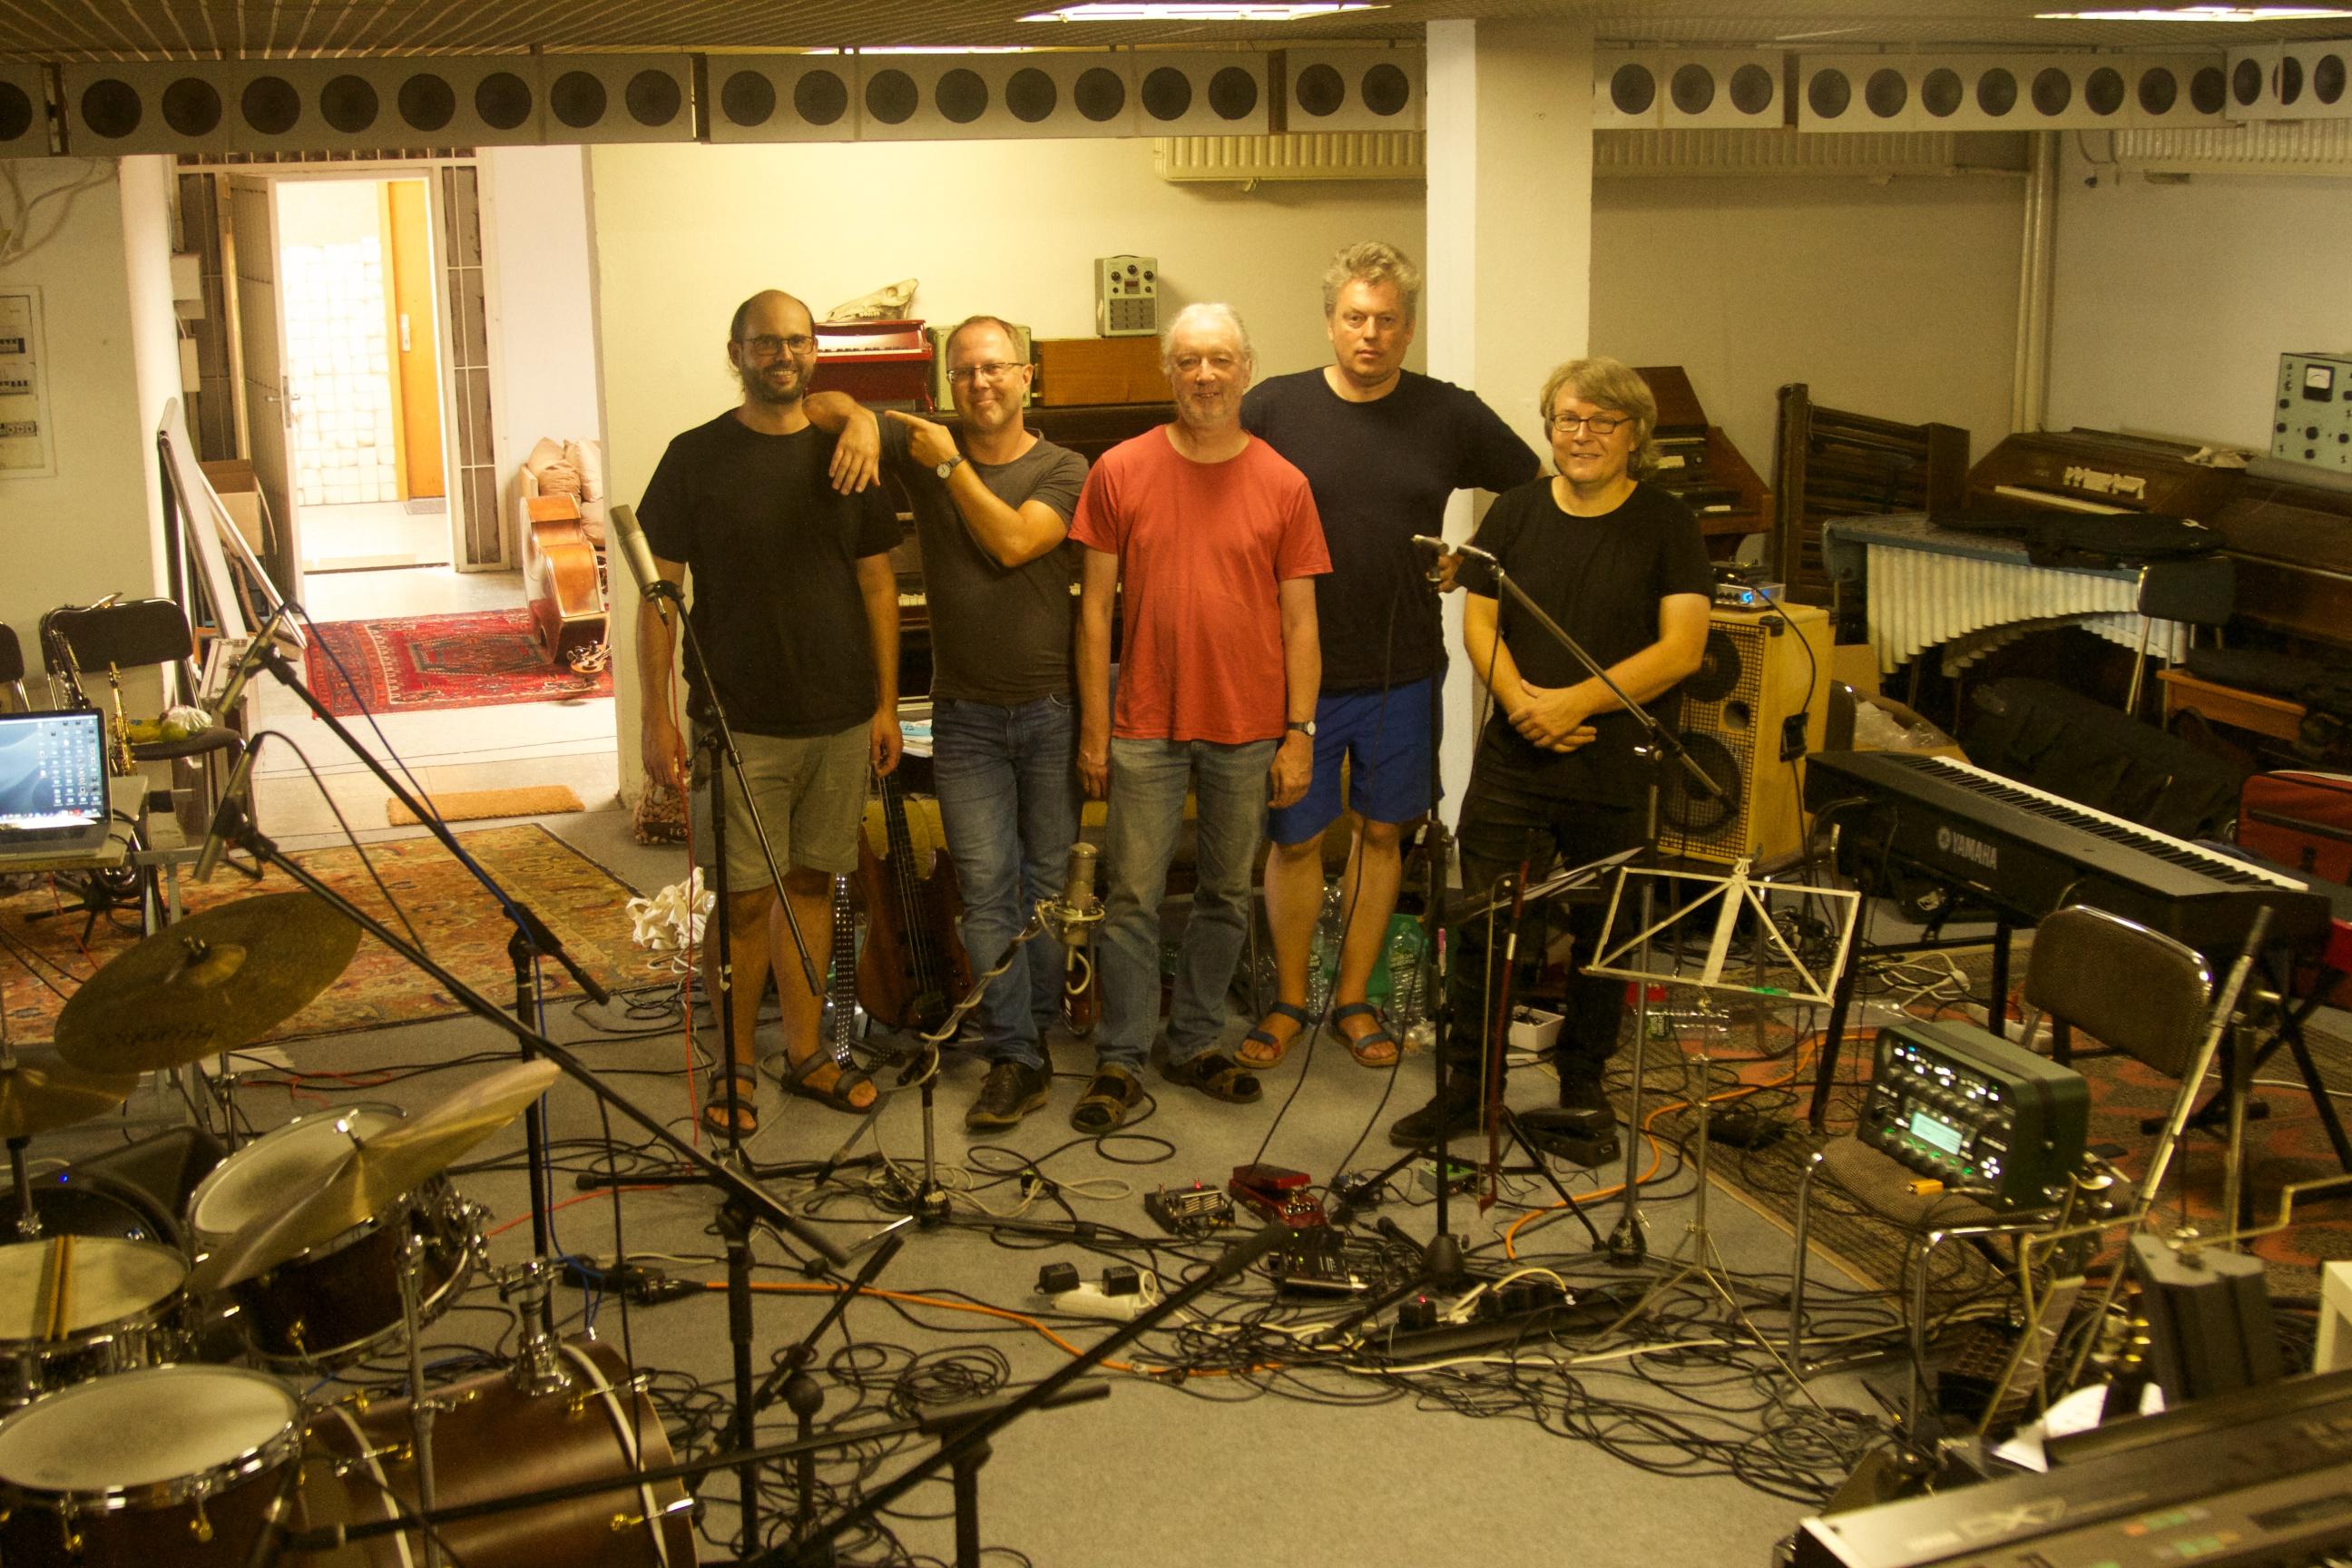 16-08-15-17-Bandprojekt-69-Kopie